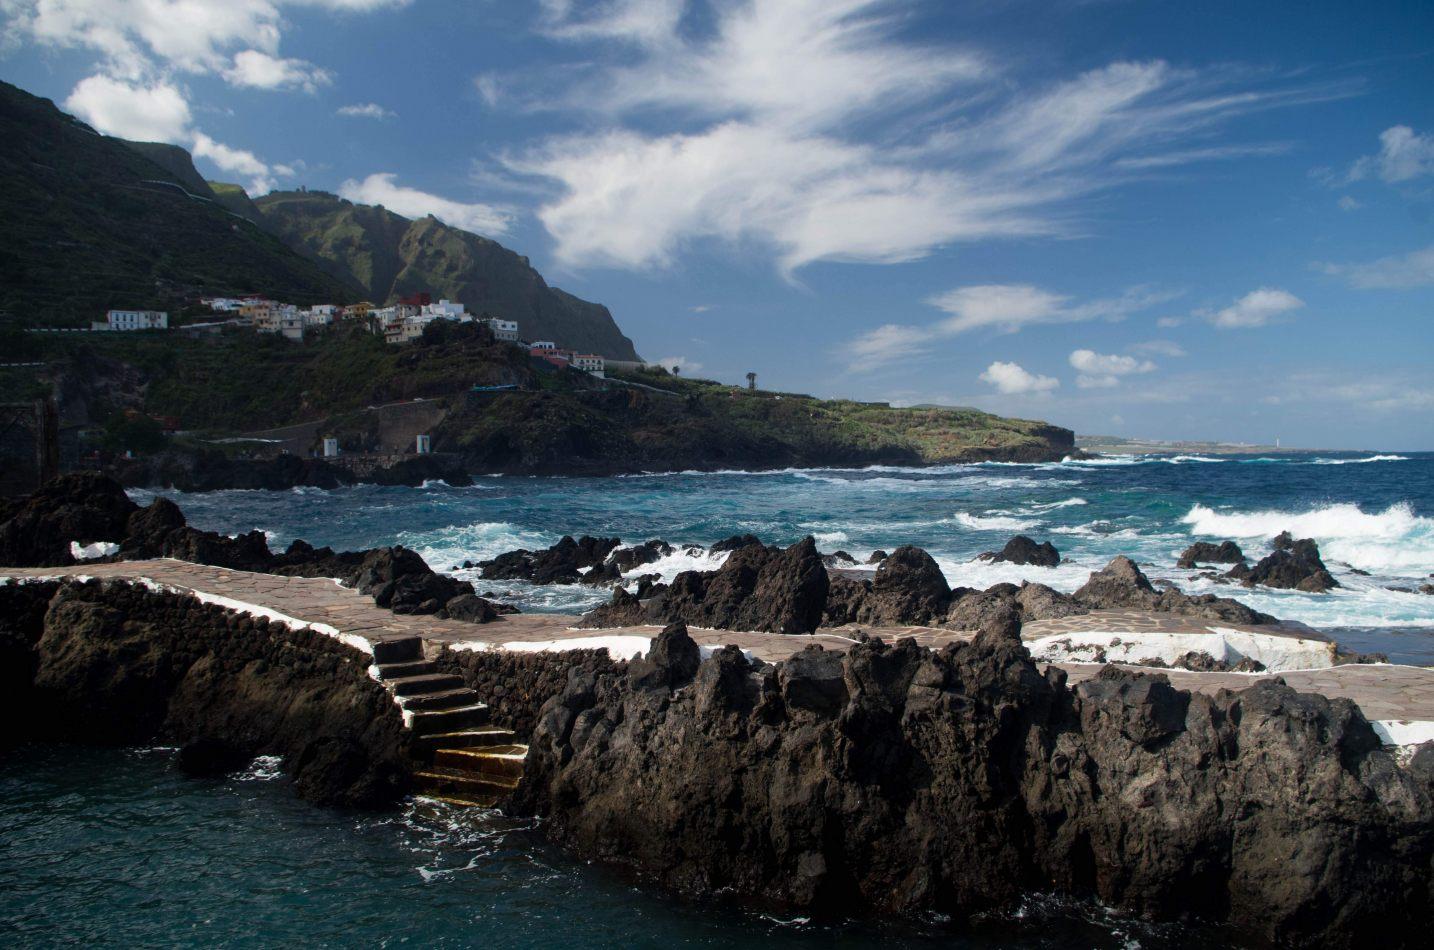 Hibiscus & Nomada : - - Tenerife Sea